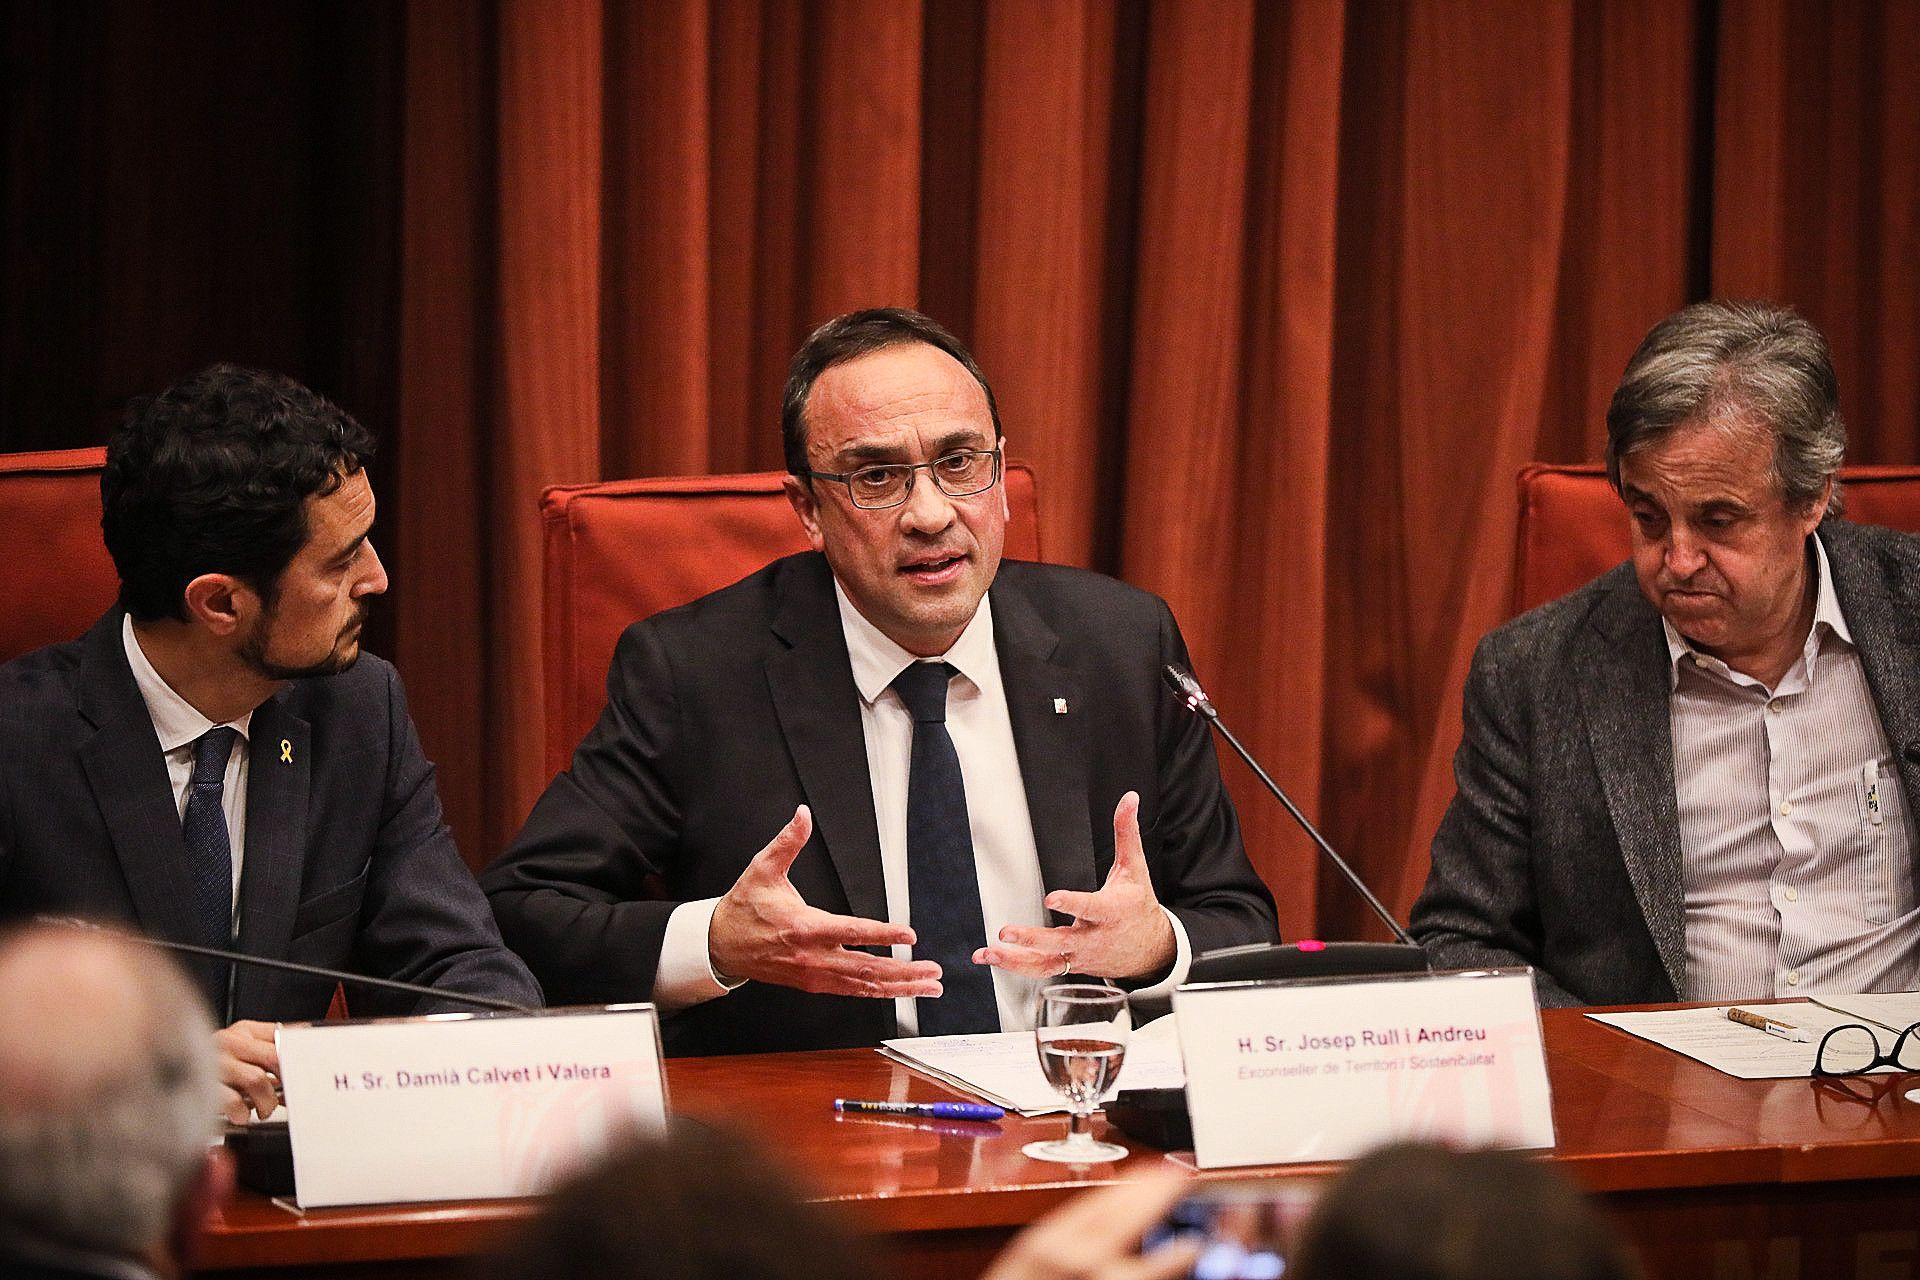 Josep Rull a la comissi? del 155 (JORDI BORR?S)